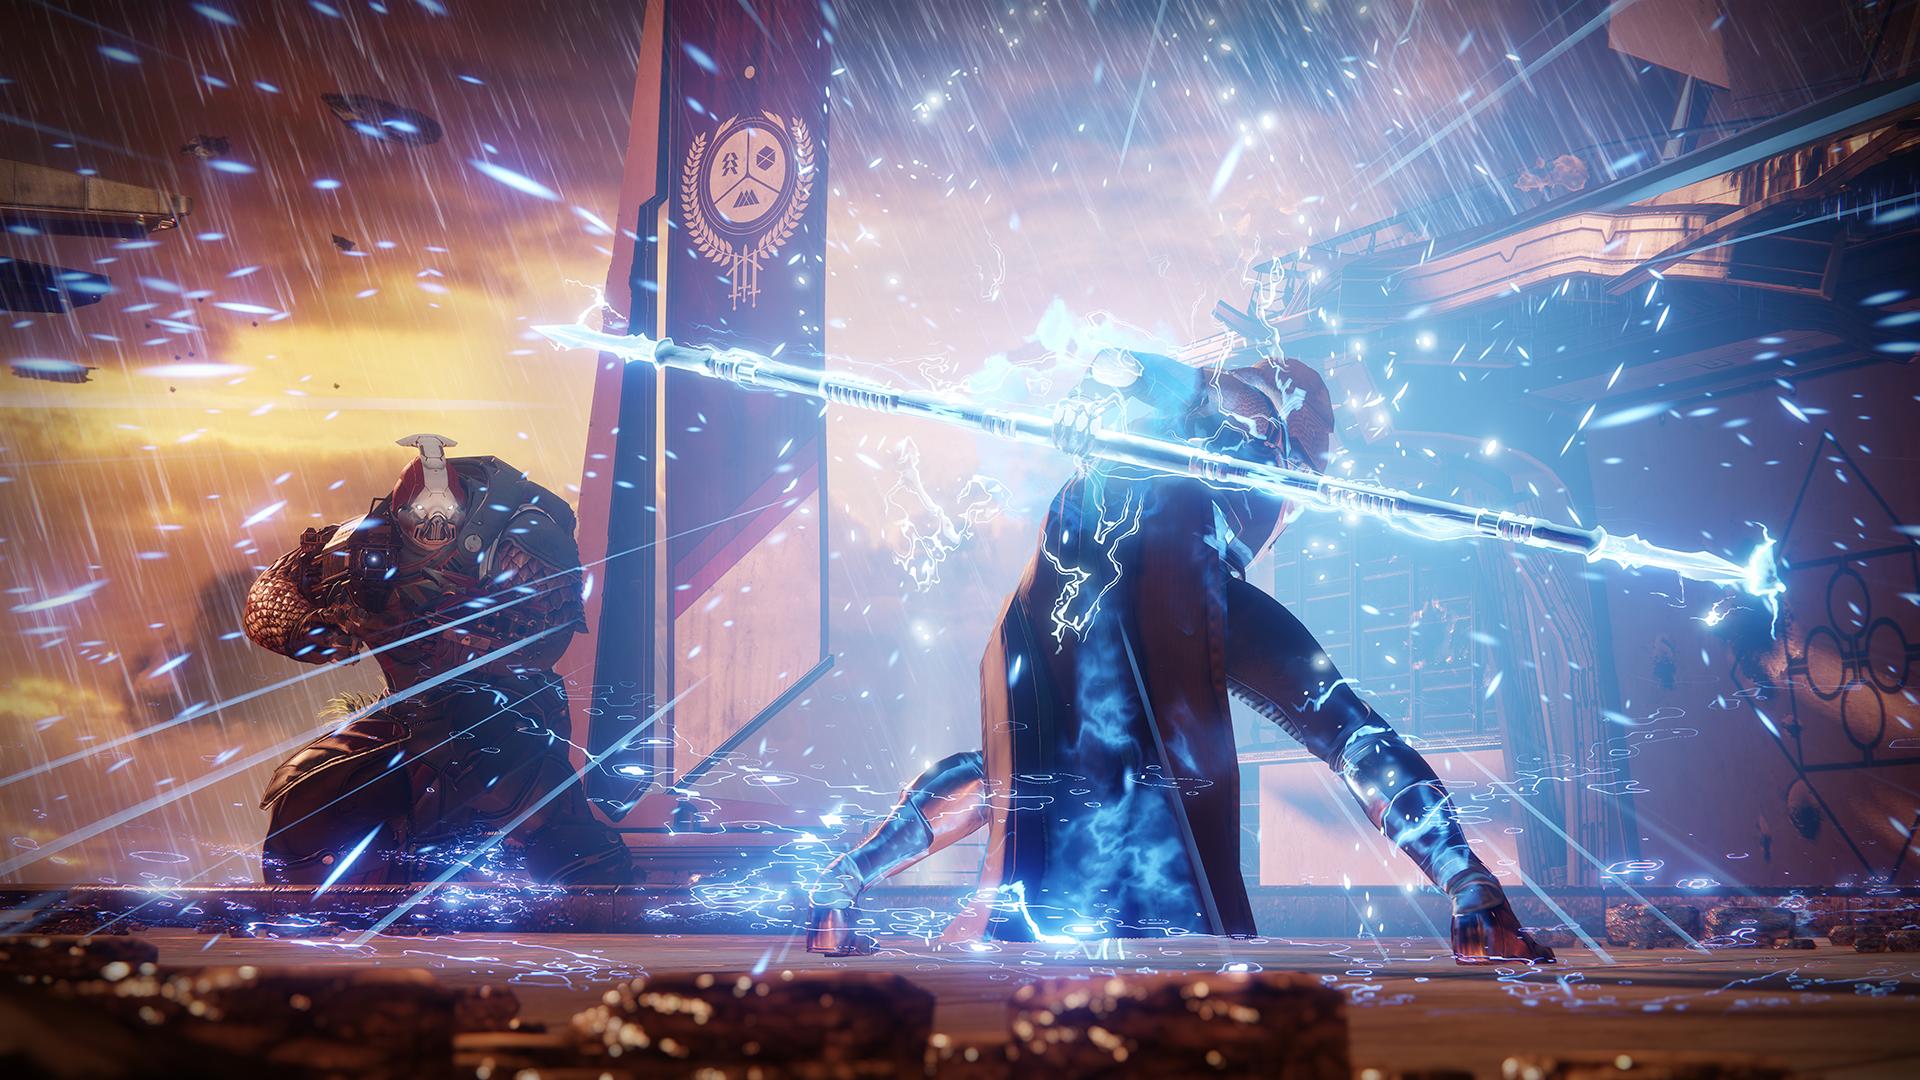 اکتیویژن دربارهی بهبود نقاط ضعف Destiny 1 در Destiny 2 صحبت میکند